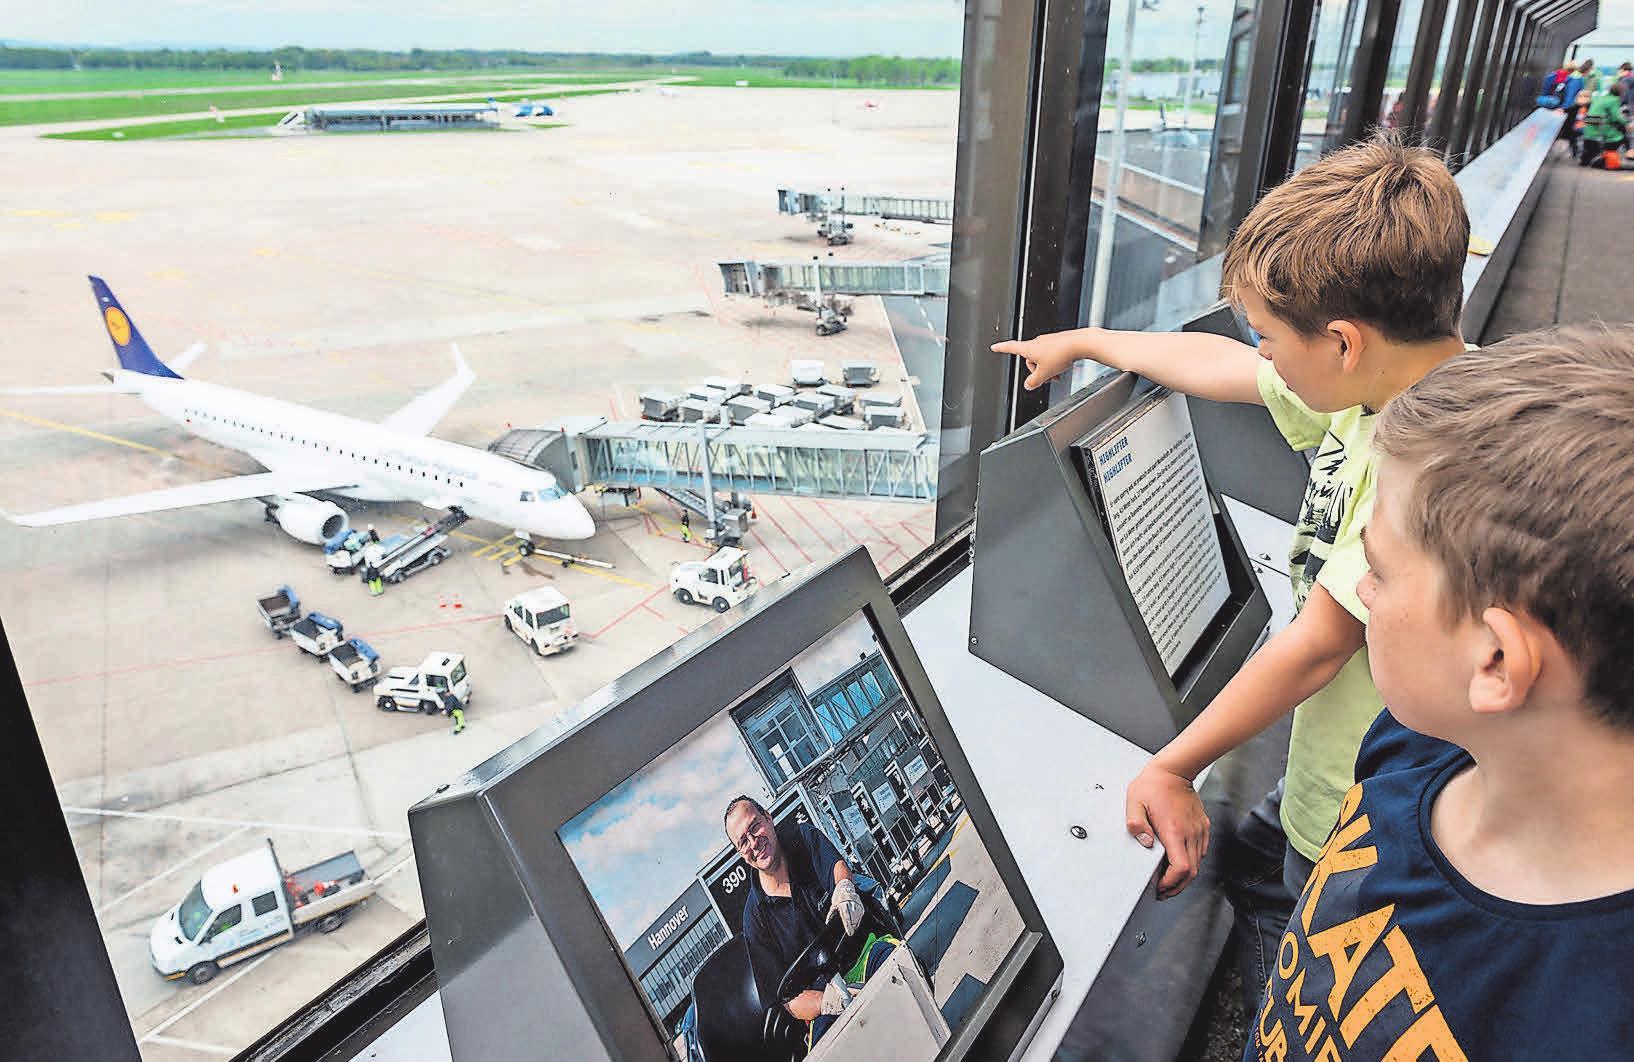 Die Faszination Fliegen erlebt die Jugend hier spielend. Foto: Hannover Airport, Maasewerd